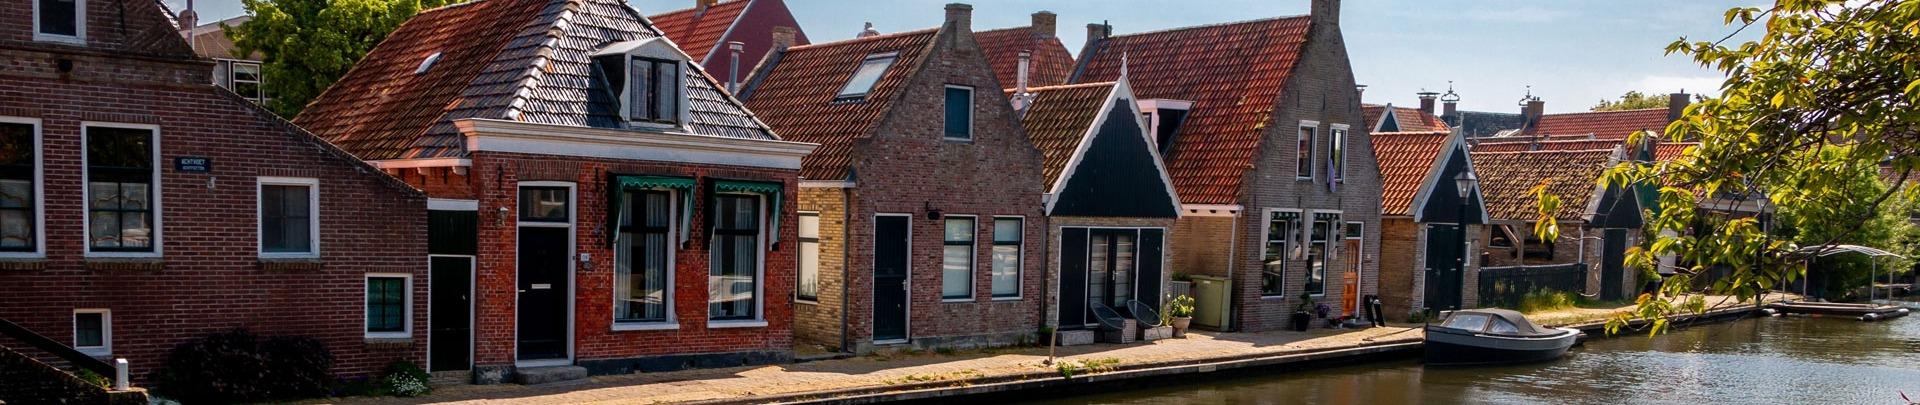 huisjes in een mooi dorp in Nederland